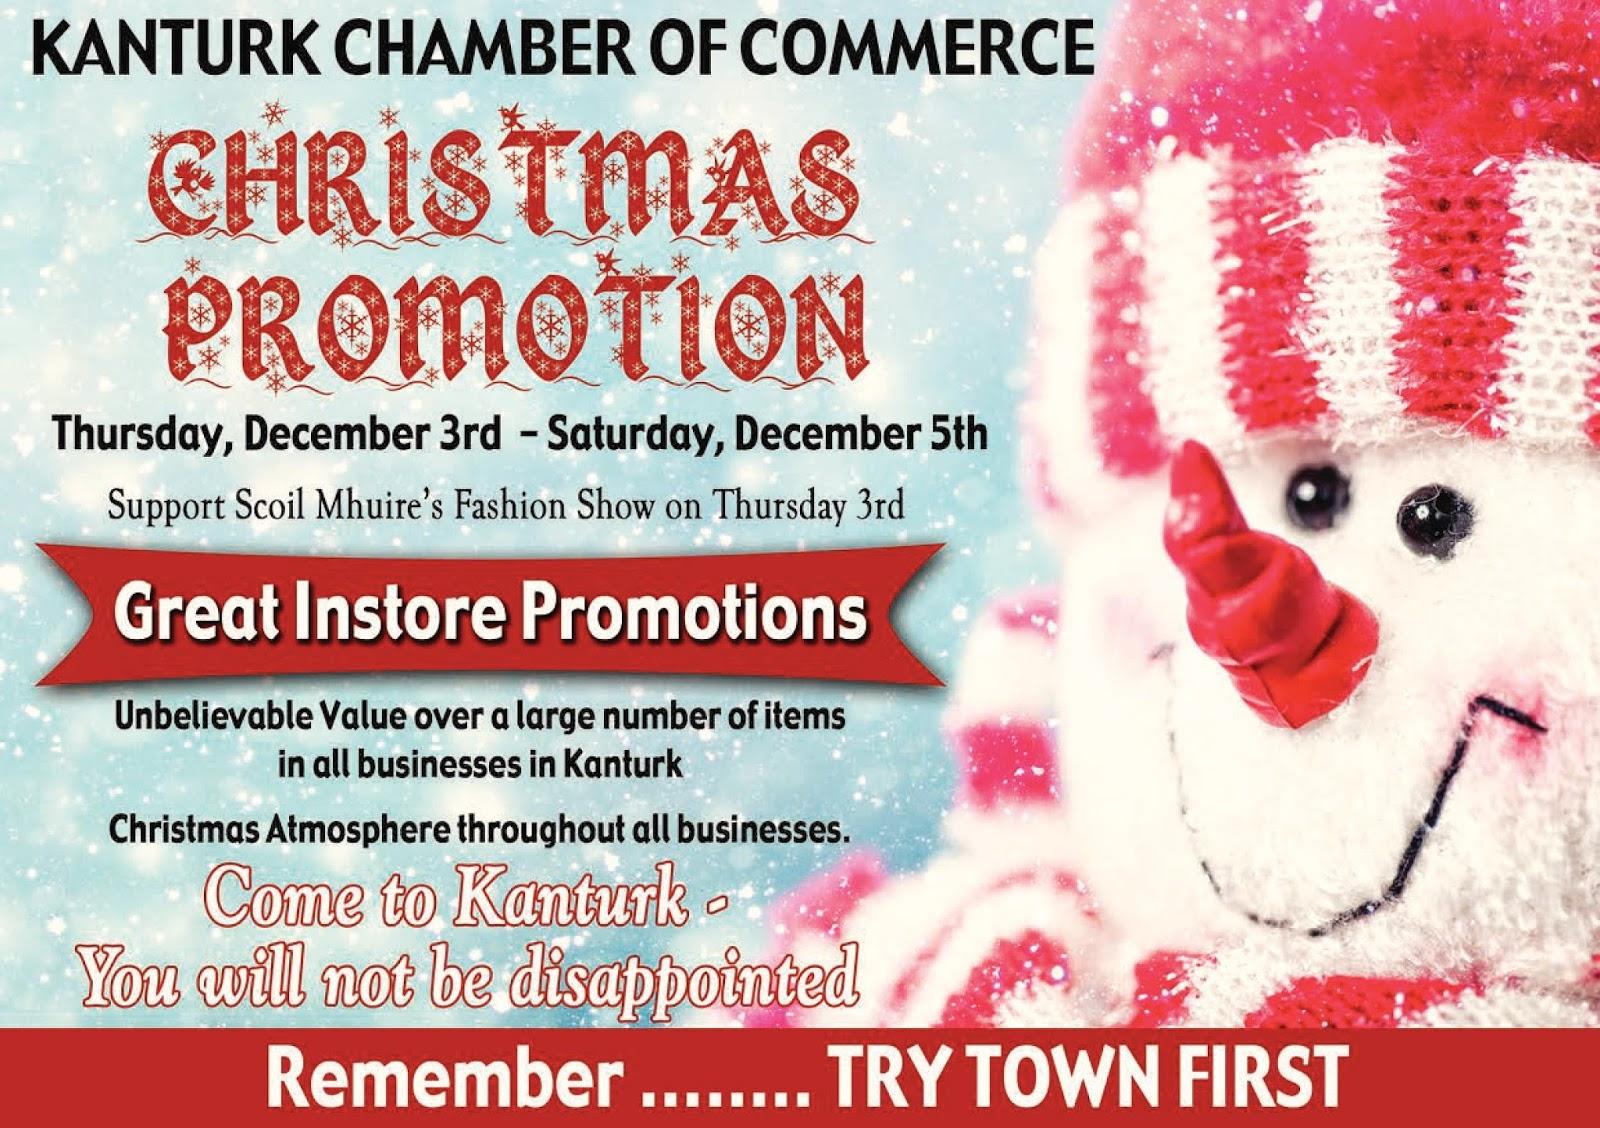 abbb77c21e8e2 Kanturk Chamber of Commerce: Christmas 'Try Town First' Shopping ...